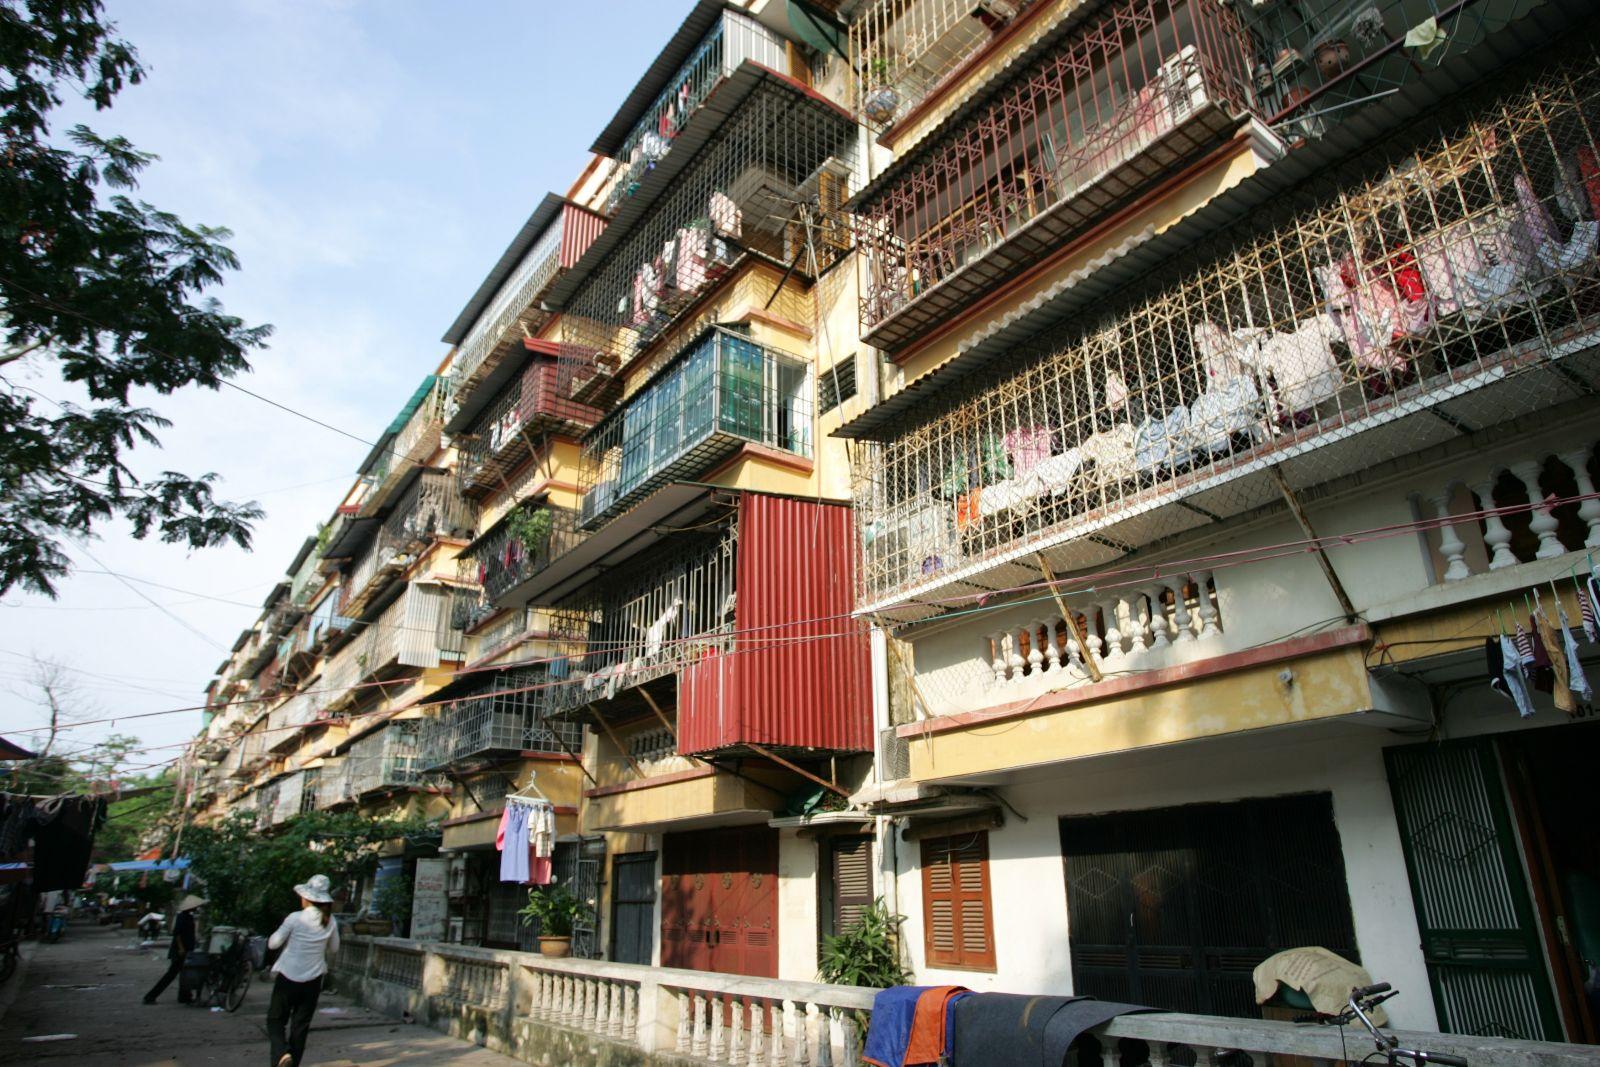 Nhiều công trình chung cư cũ tại Hà Nội xập xệ, hư hỏng